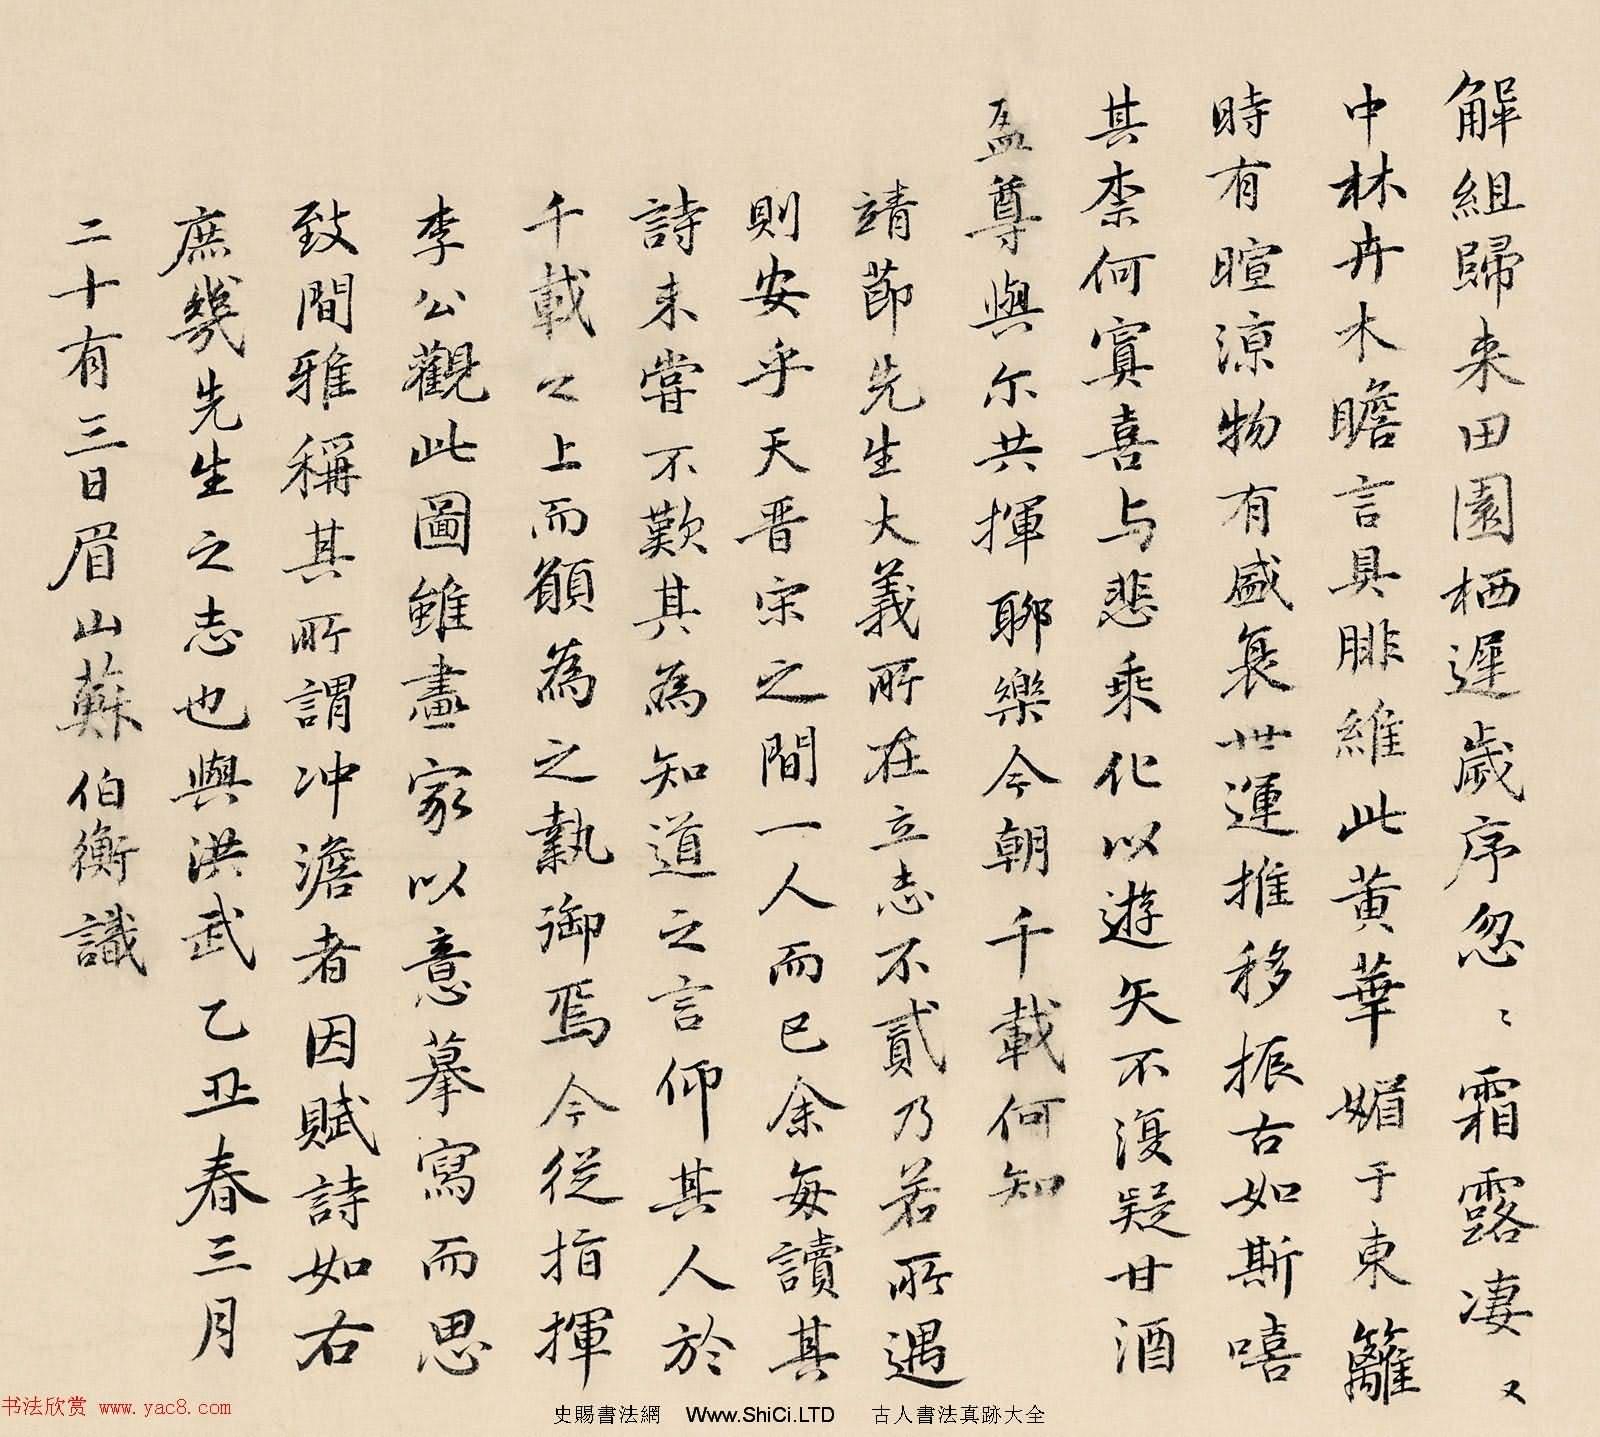 蘇軾後人蘇伯衡書法墨跡真跡欣賞(共4張圖片)